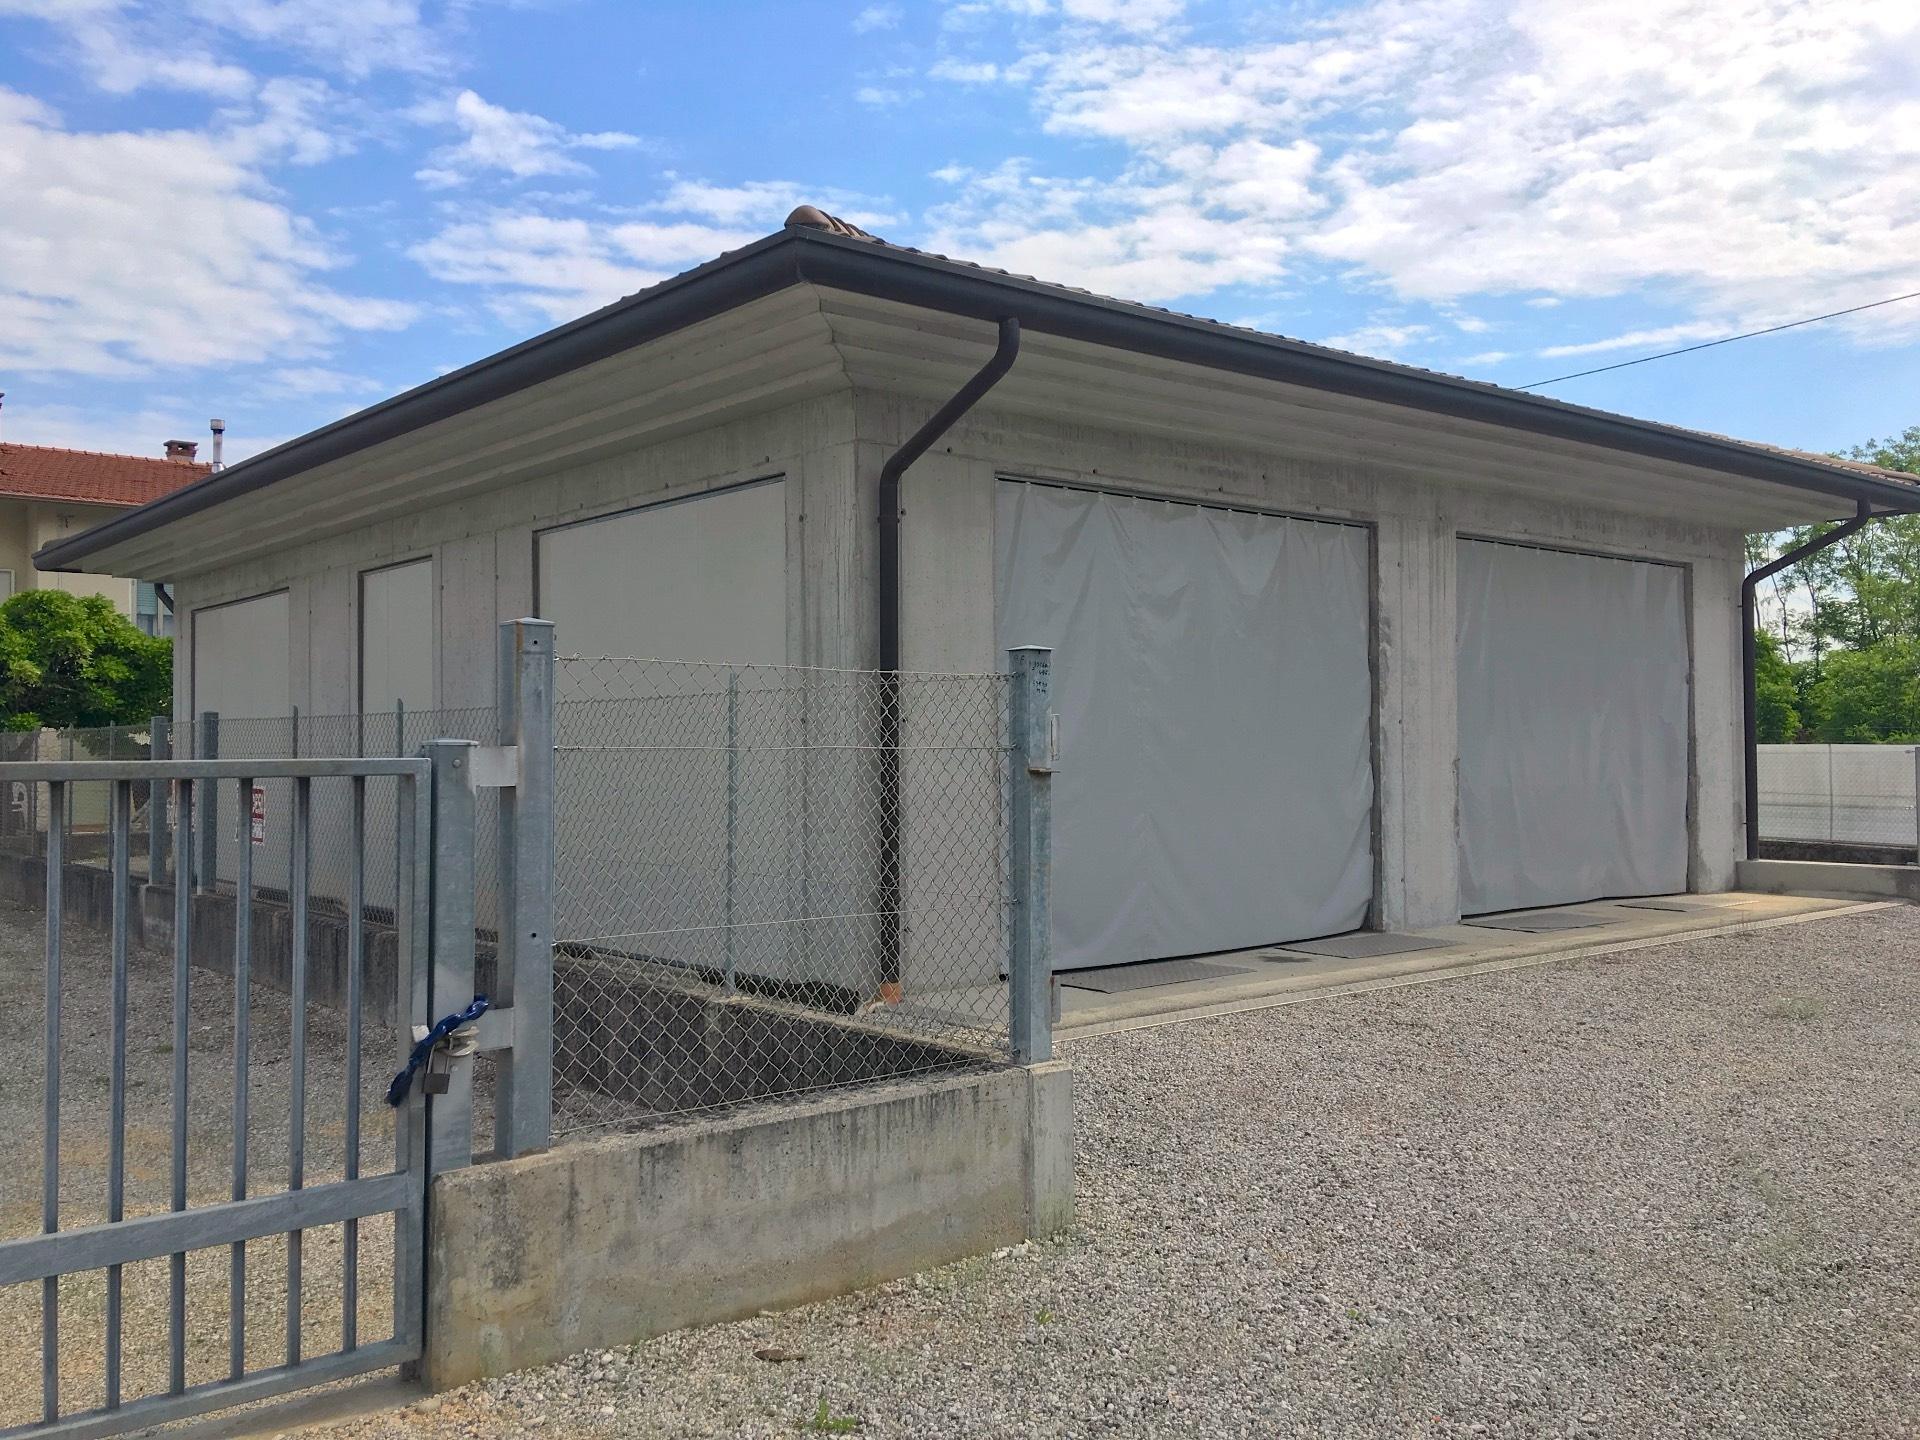 Negozio / Locale in vendita a Nervesa della Battaglia, 9999 locali, zona Zona: Sovilla, prezzo € 328.000 | CambioCasa.it